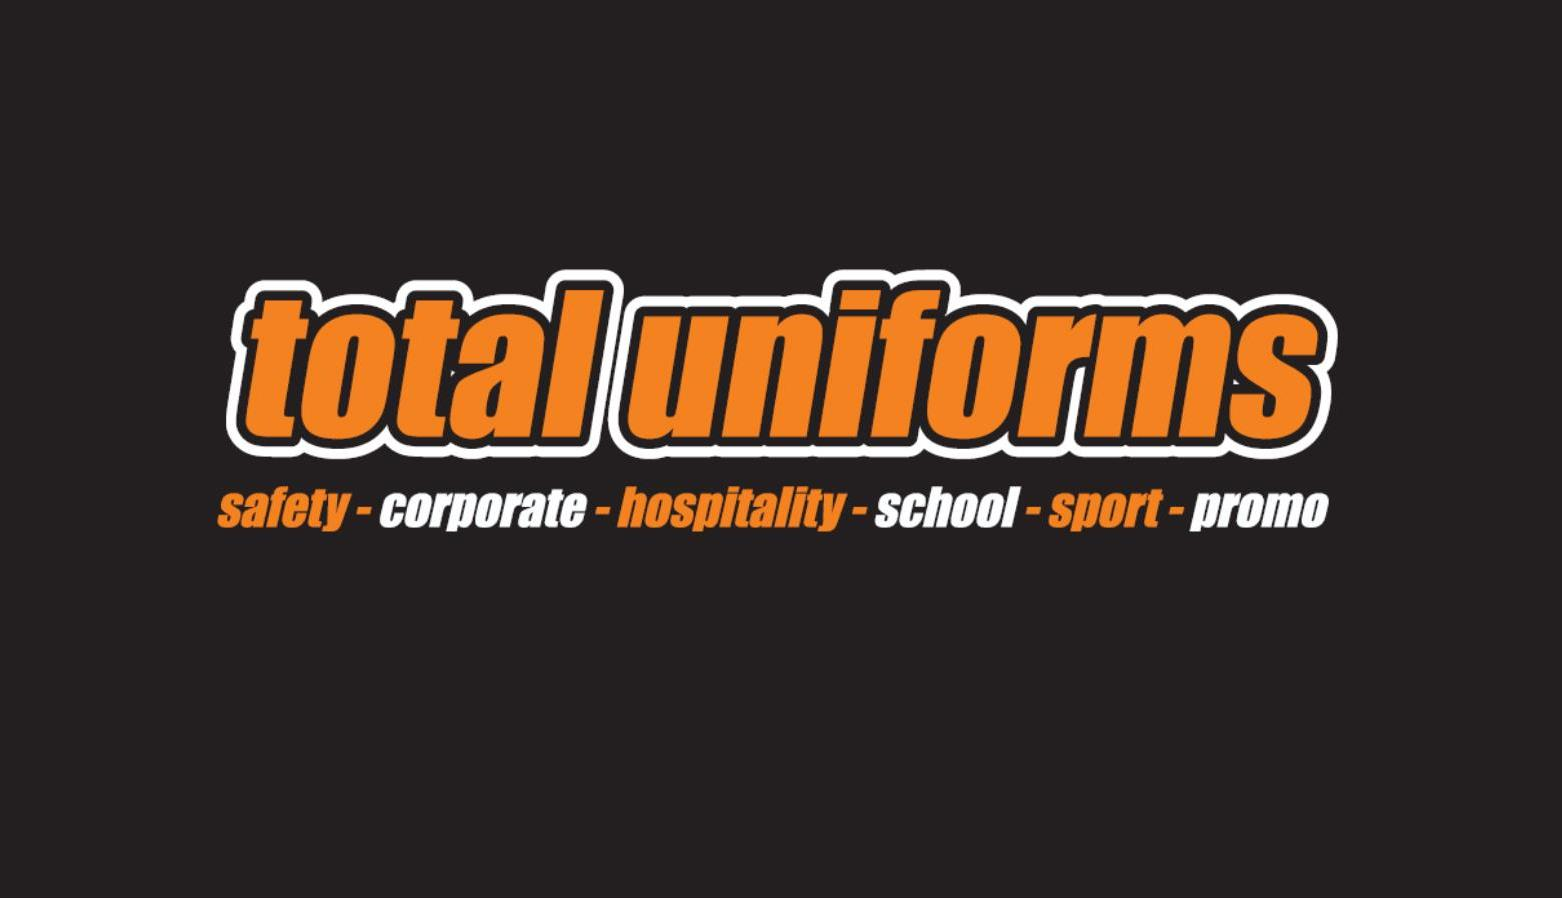 Total Uniforms